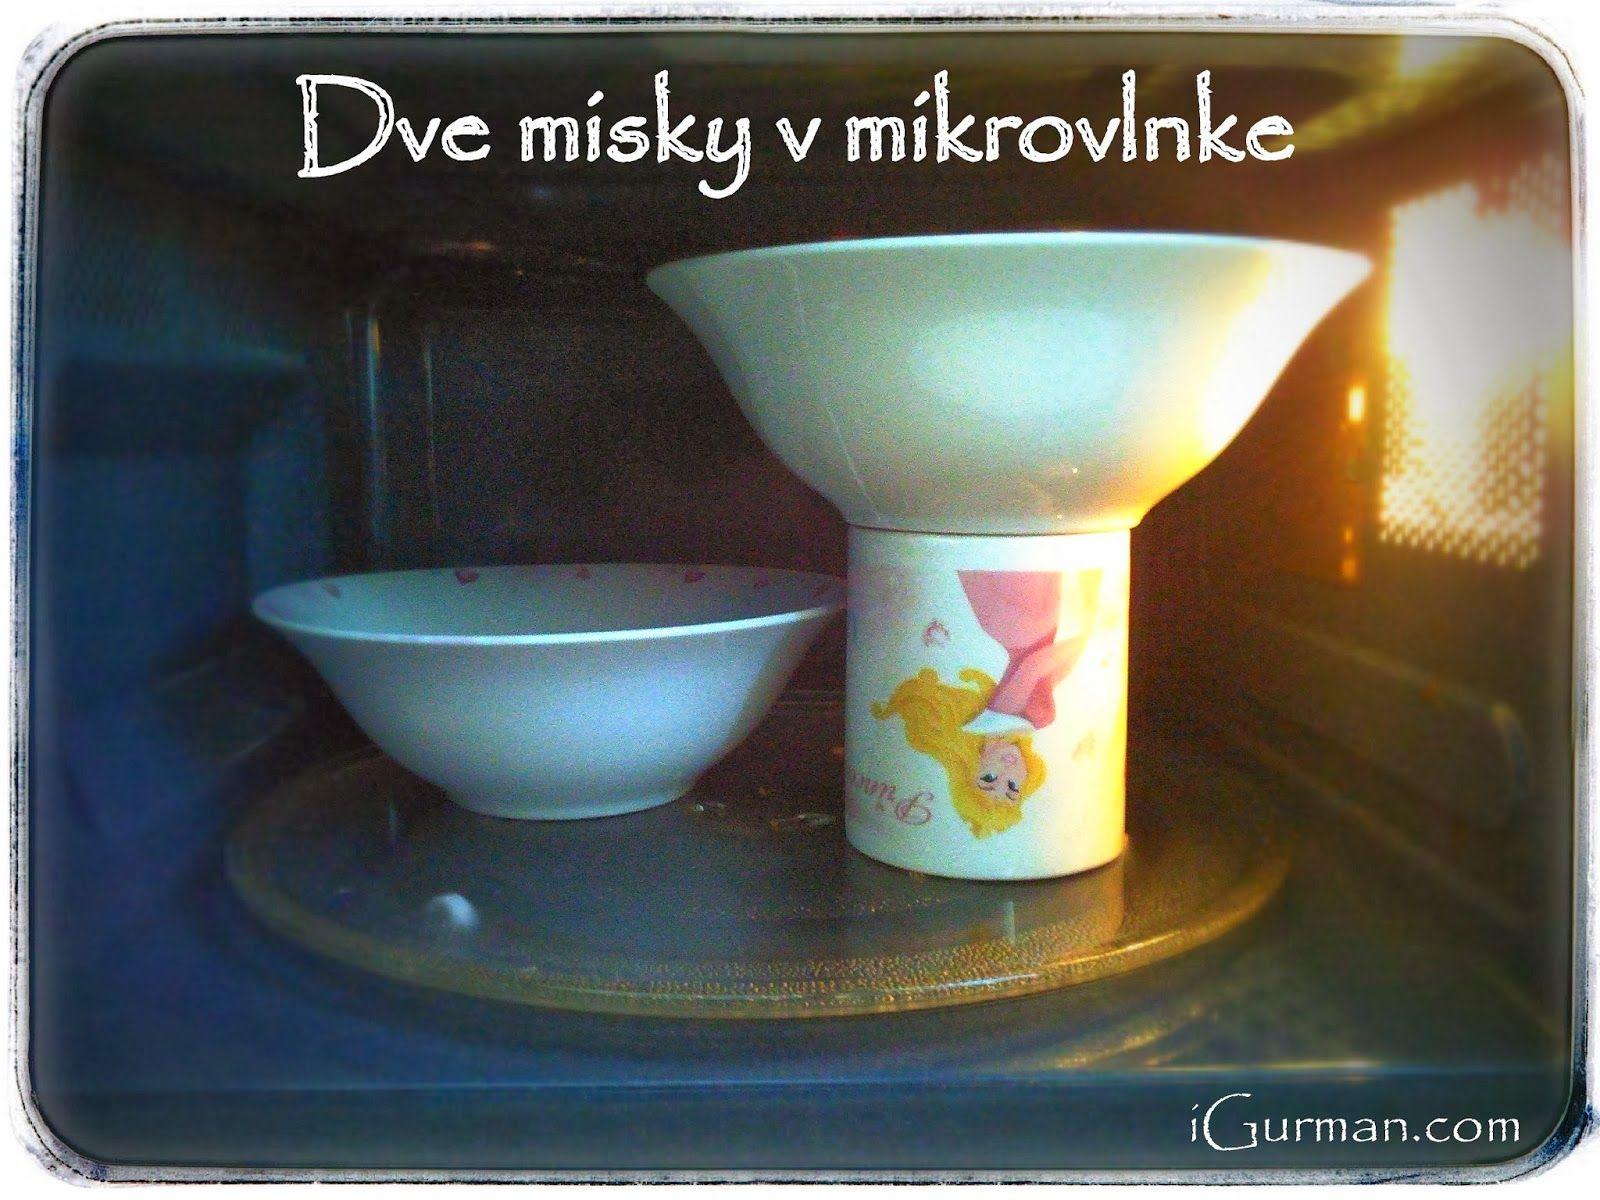 Ako vyčistiť mikrovlnku, alebo Ako ohriať dve nádoby v mikrovlnke naraz?  Aj mikrovlná rúra potrebuje občas očistiť. Nechcete používať chemické prípravky aby sa výpary nedostali do potravín.